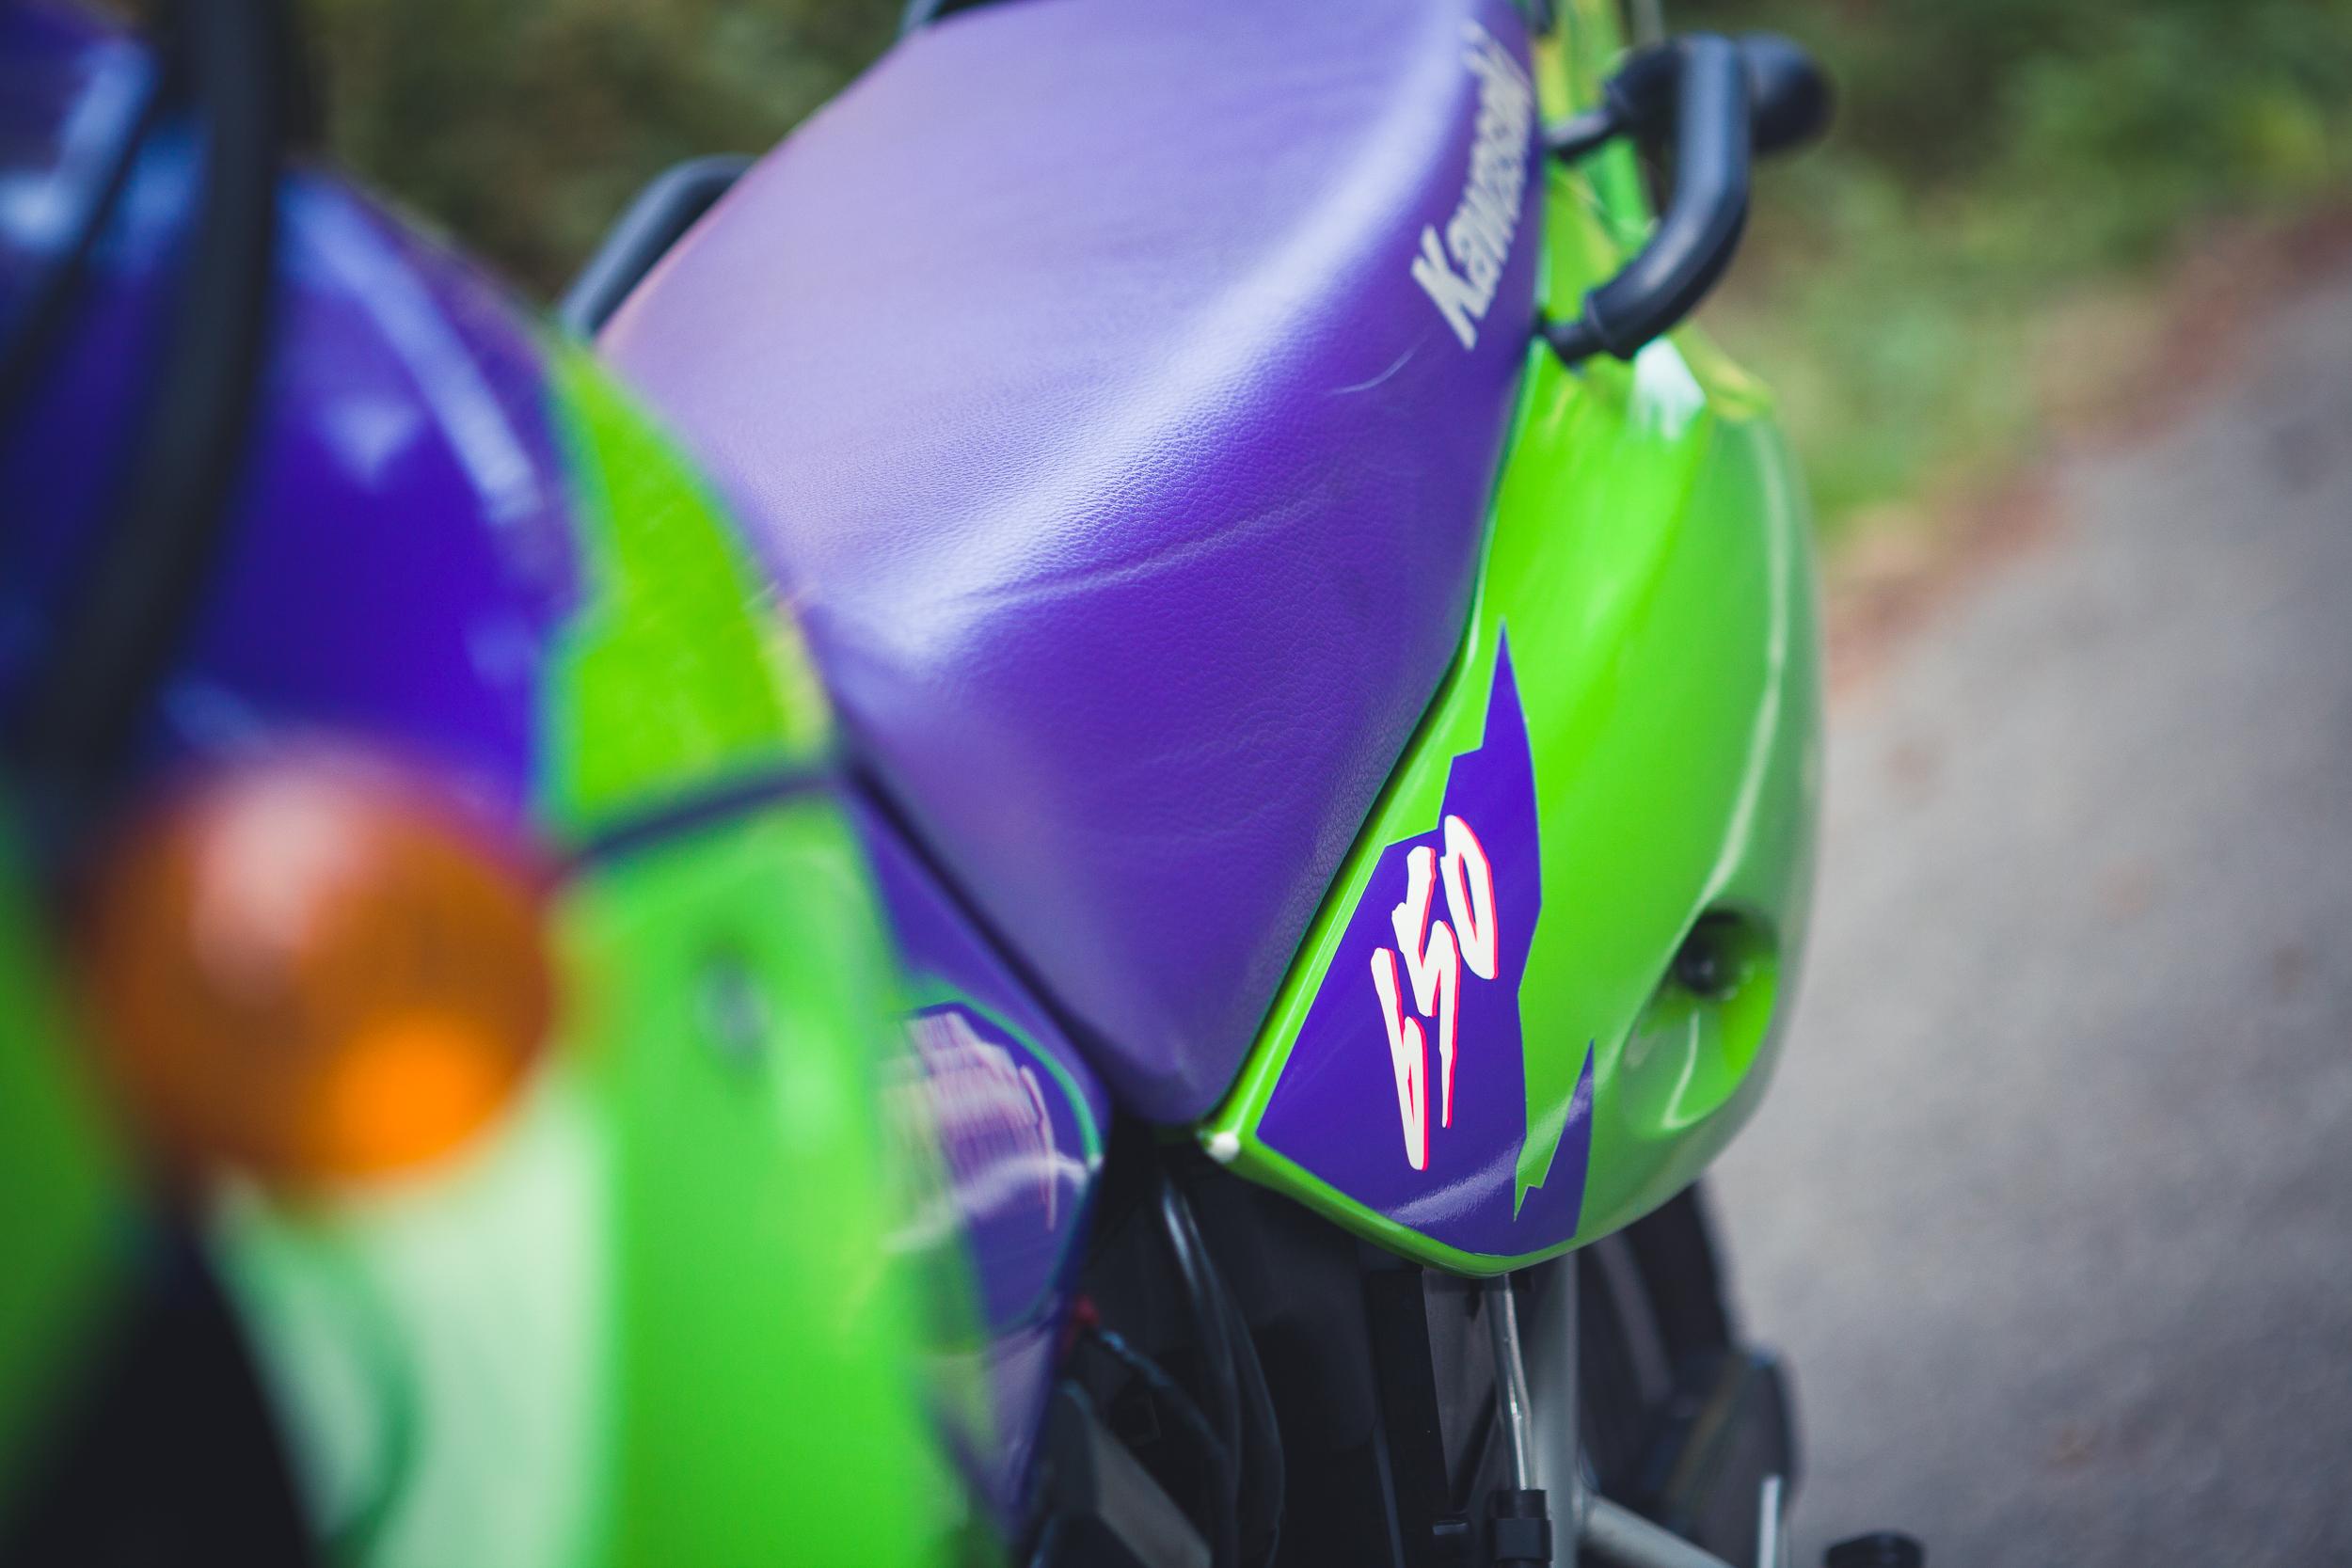 Kawasaki-HD-131003-0007